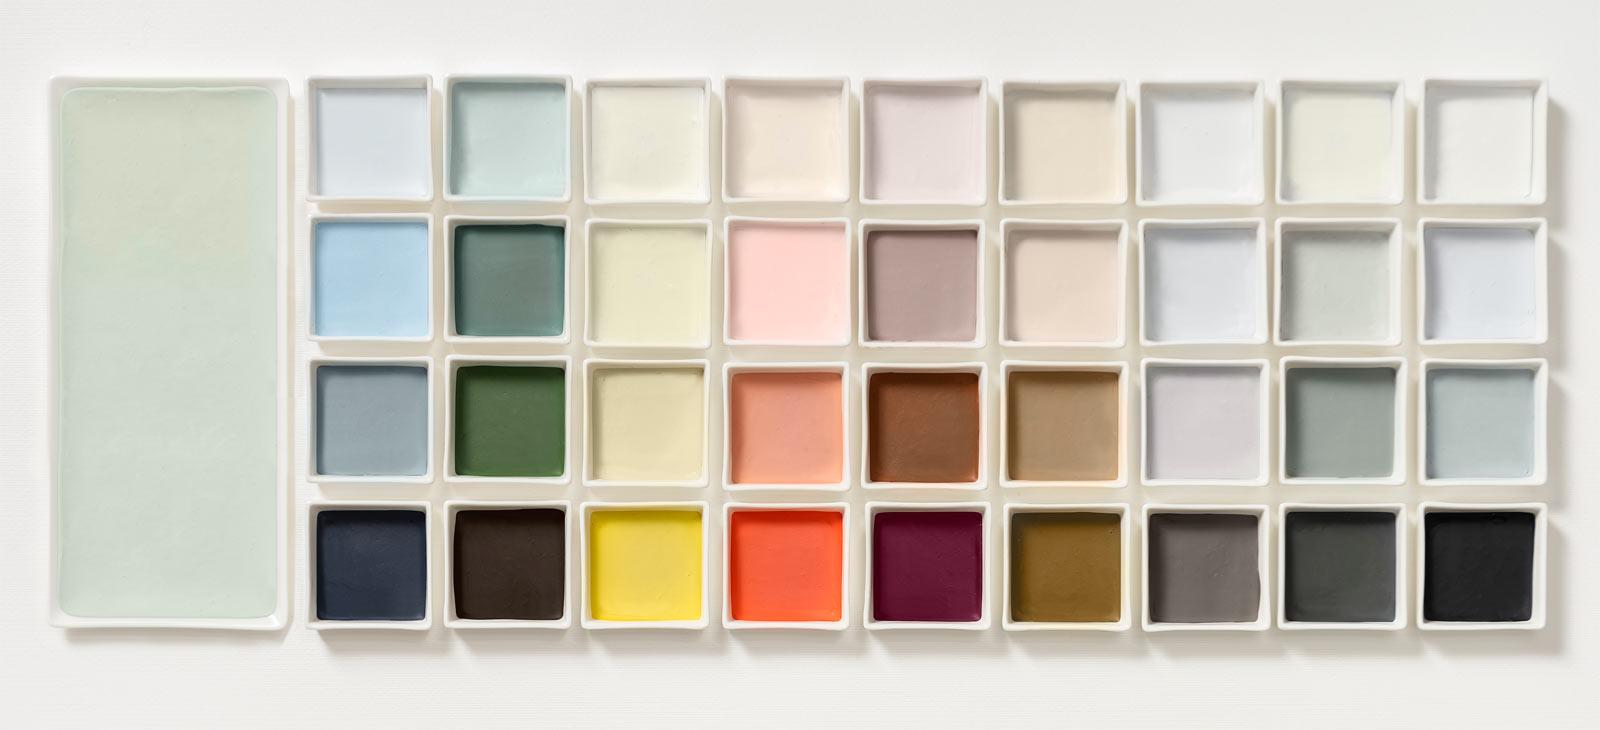 Tabella Colori Sikkens Ral tranquil dawn e i nuovi colori 2020 di sikkens - interior notes